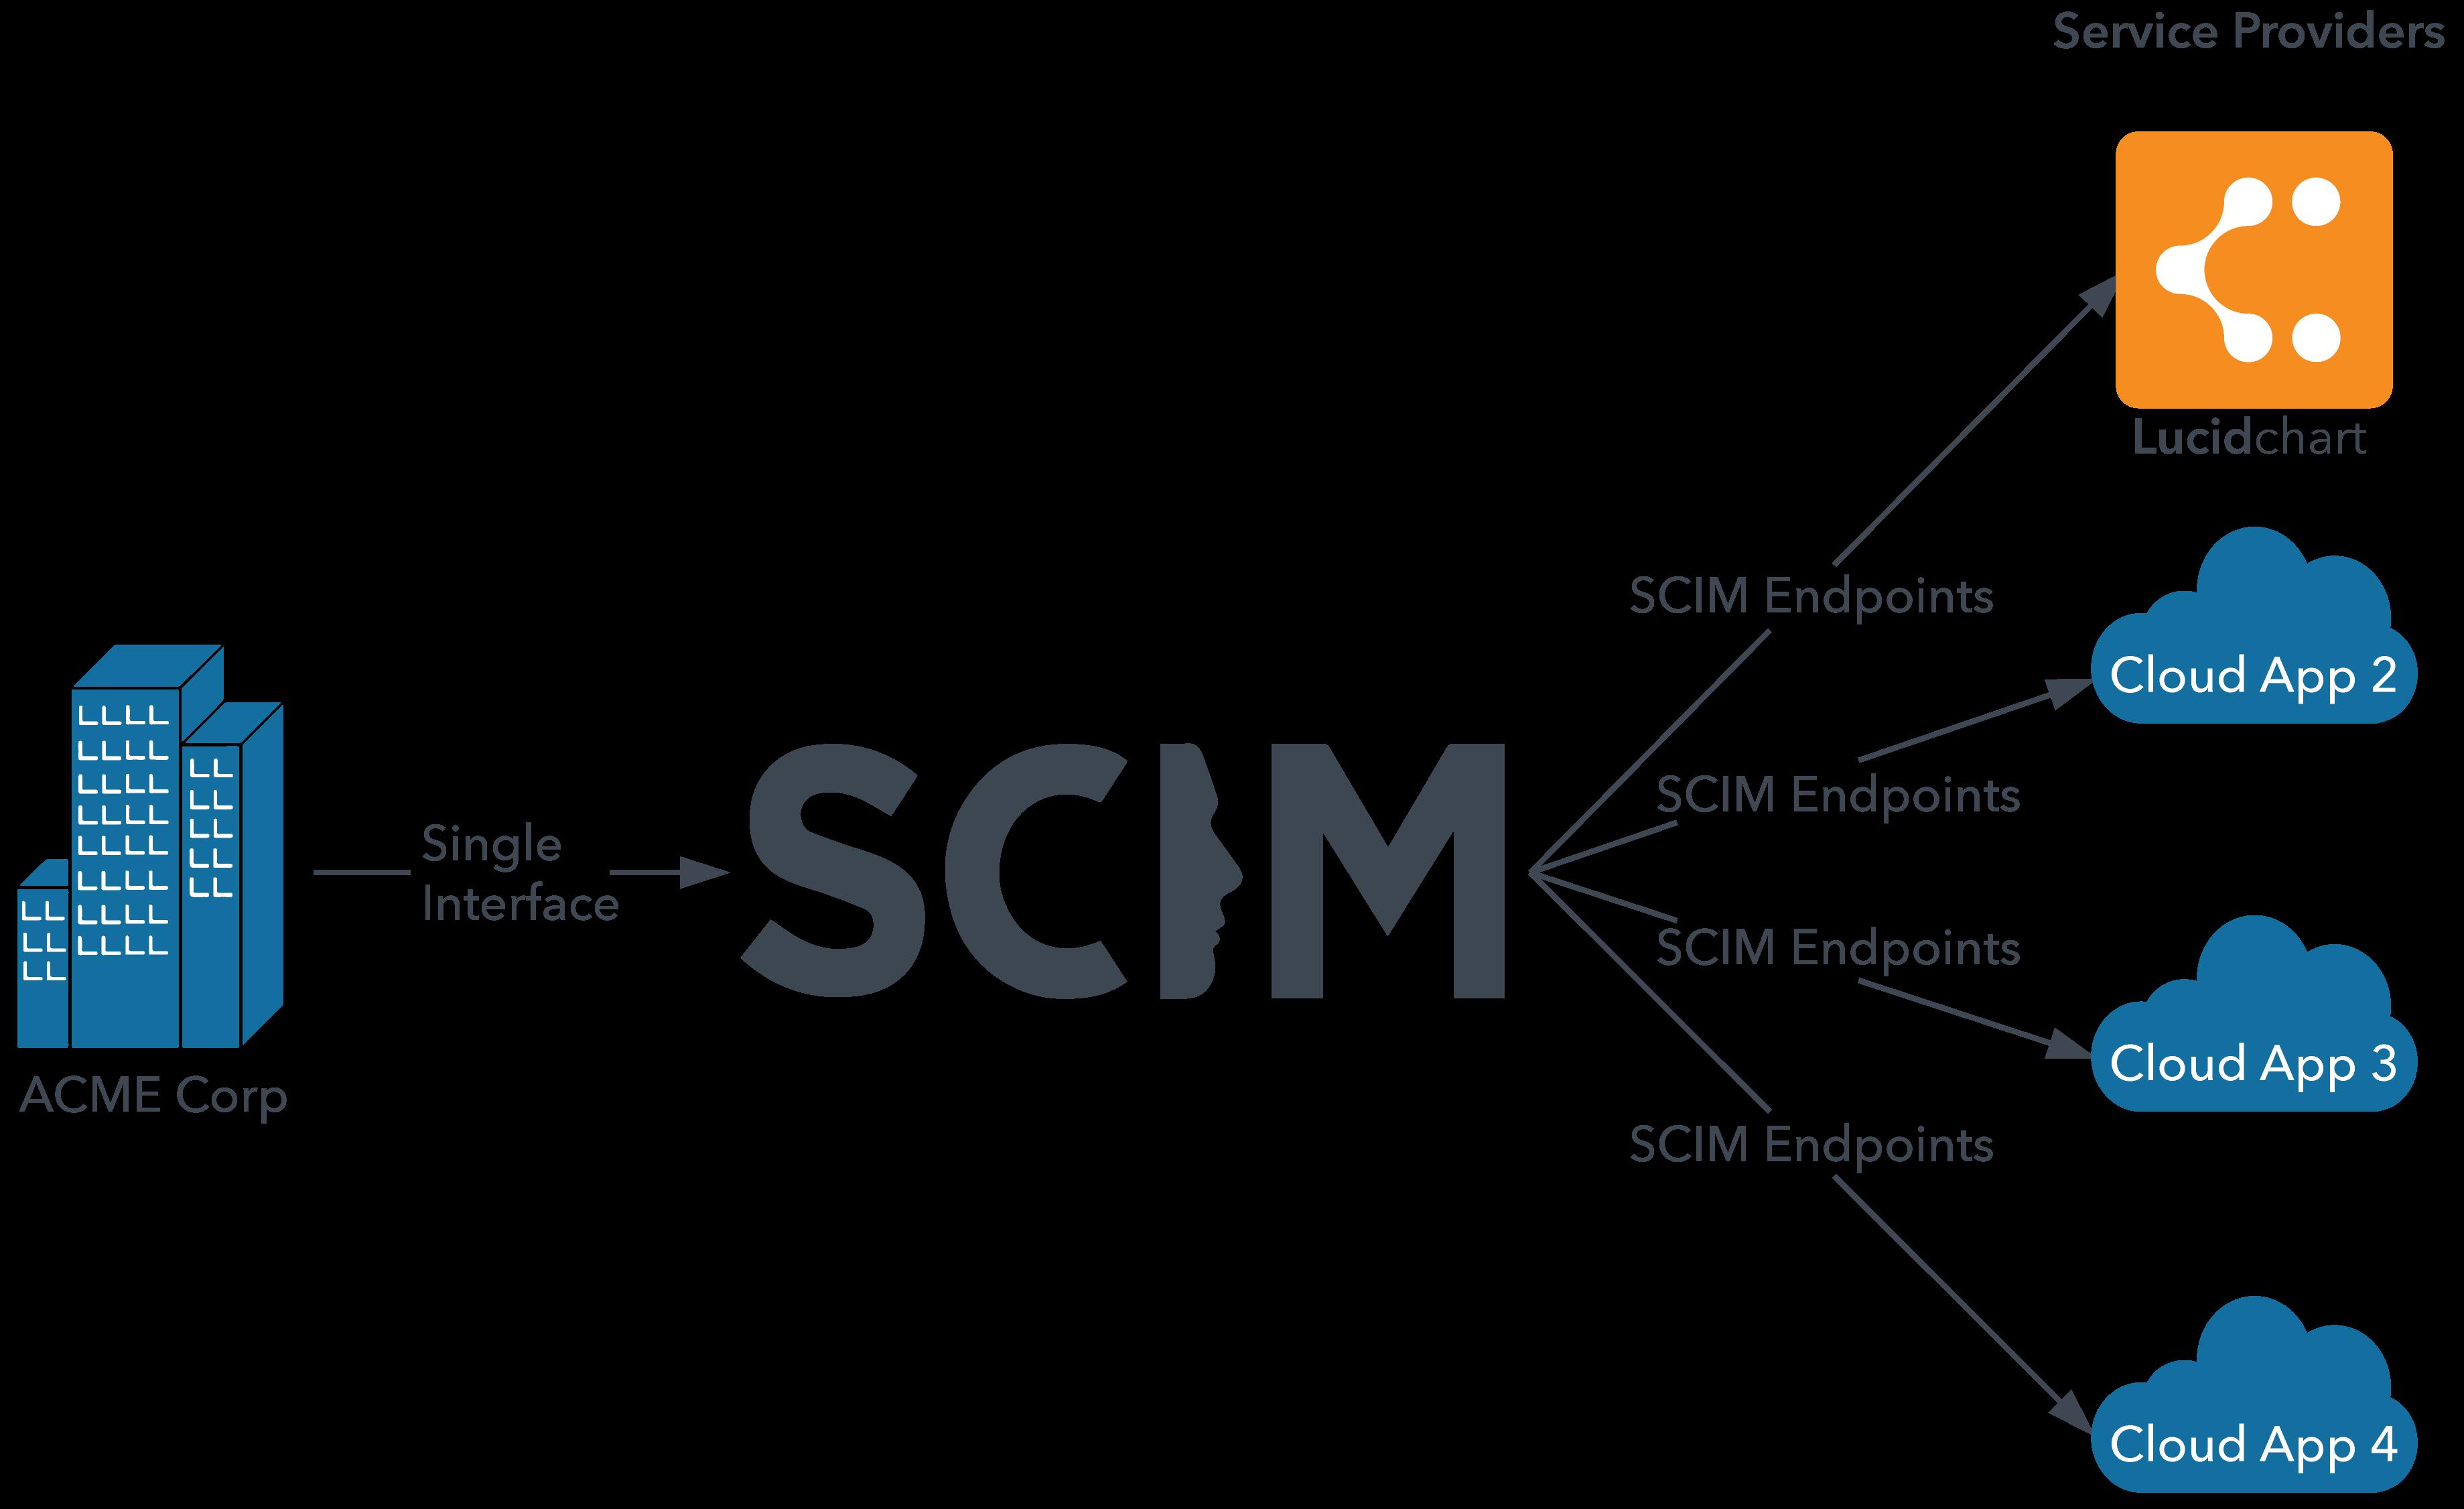 SCIM diagram